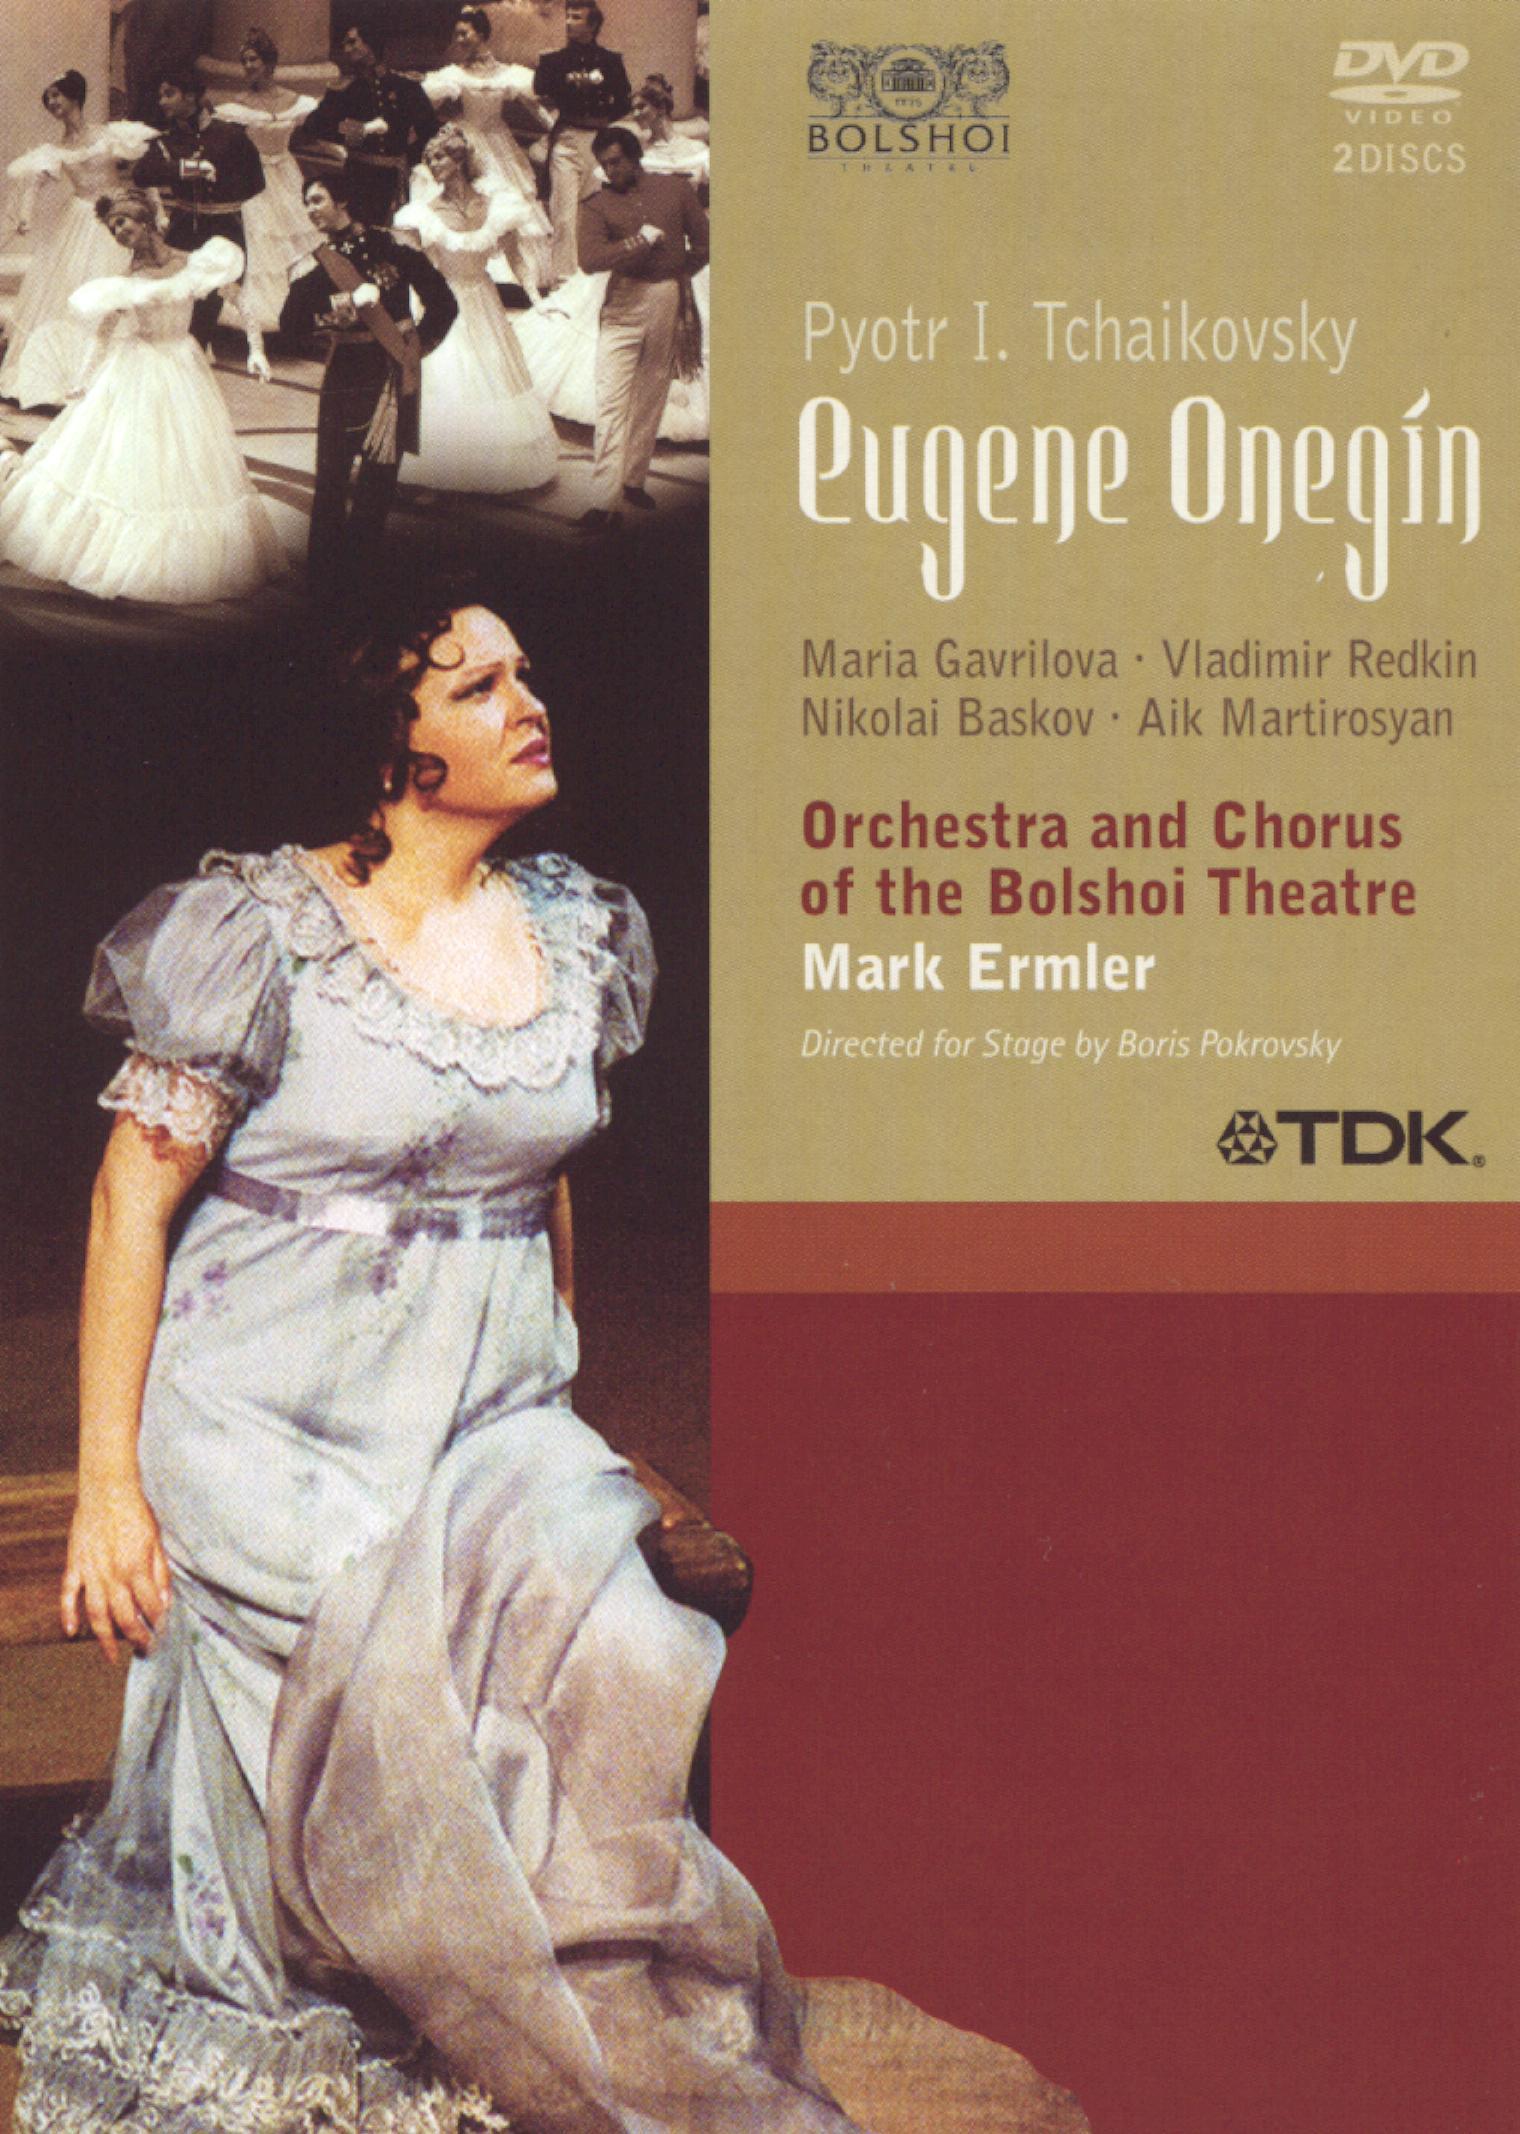 Eugene Onegin (The Bolshoi Theatre)